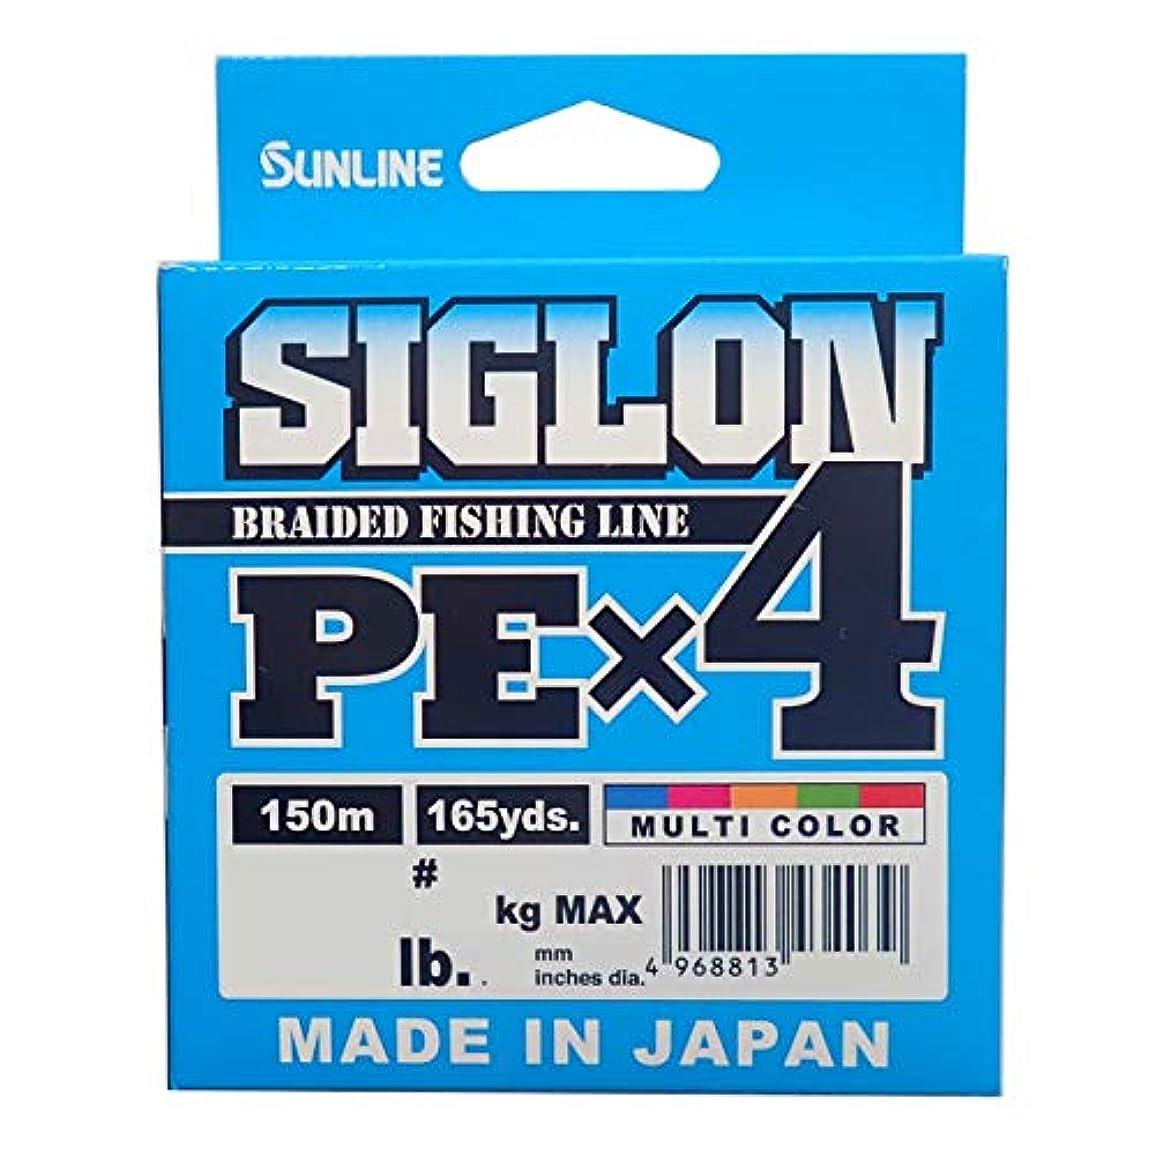 献身男らしさ海里サンライン(SUNLINE) ライン シグロン PE×4#1.5/25lb